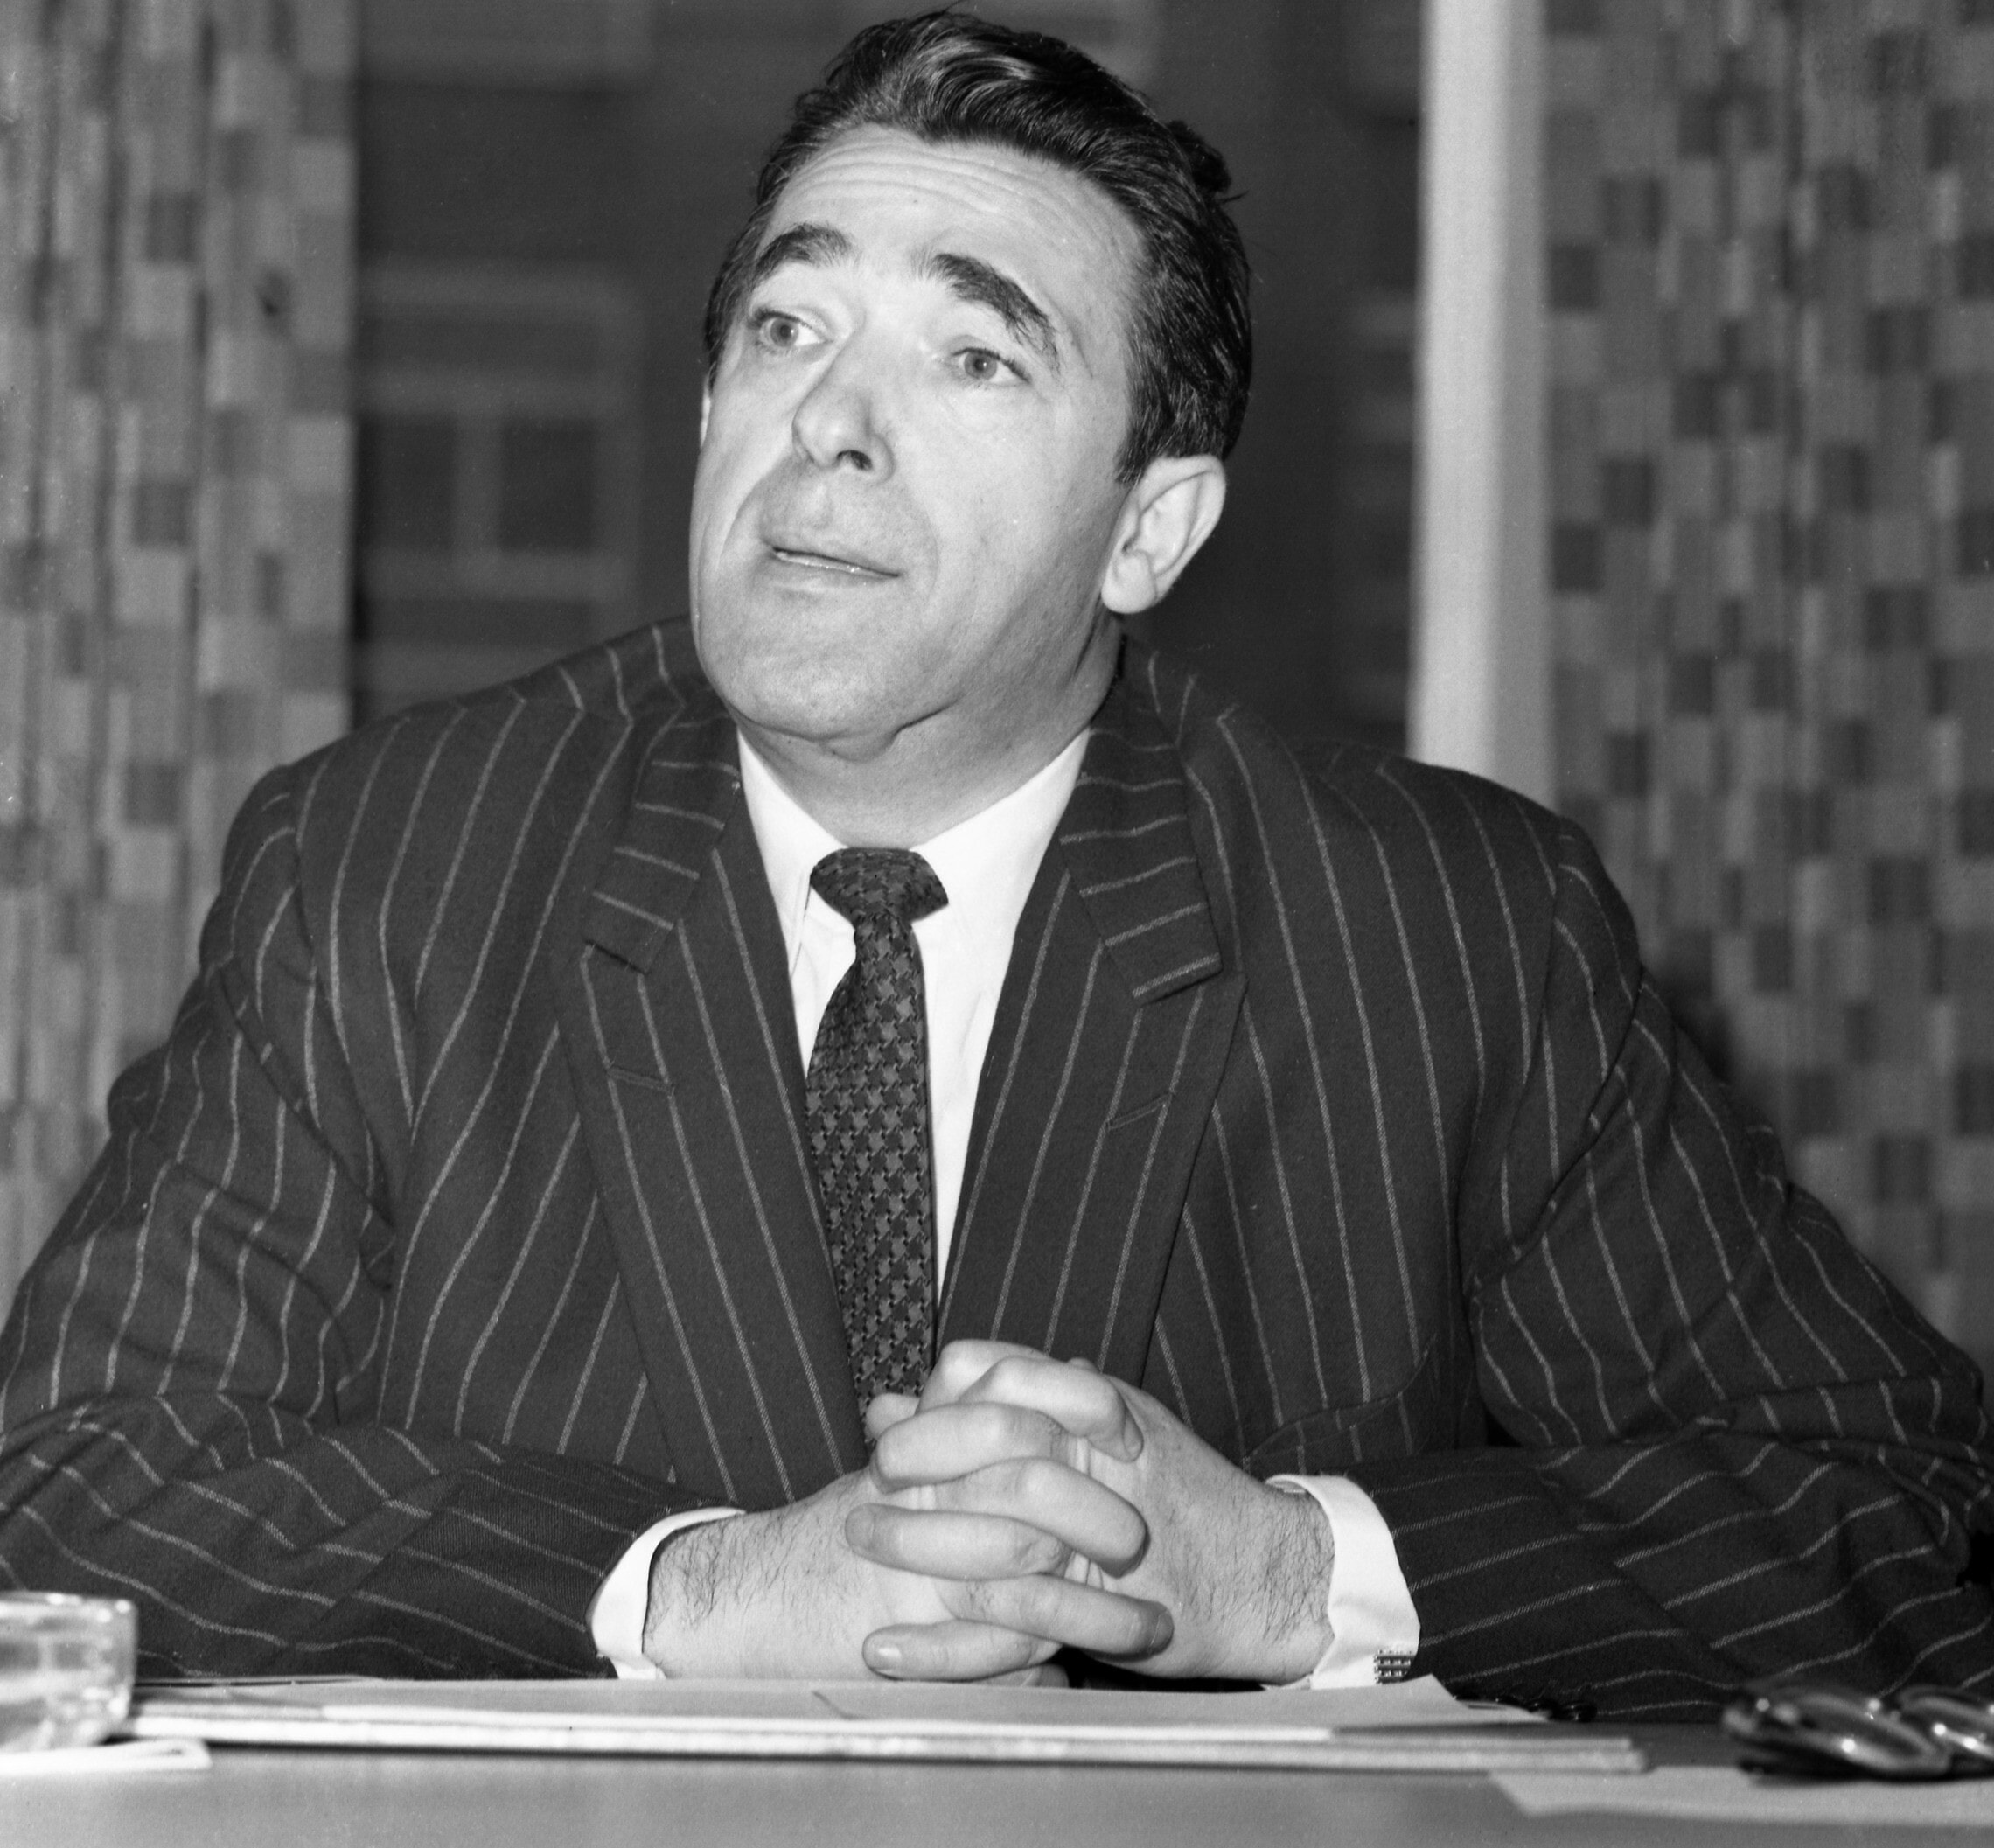 רוברט מקסוול ב-1968 (צילום: AP Photo)